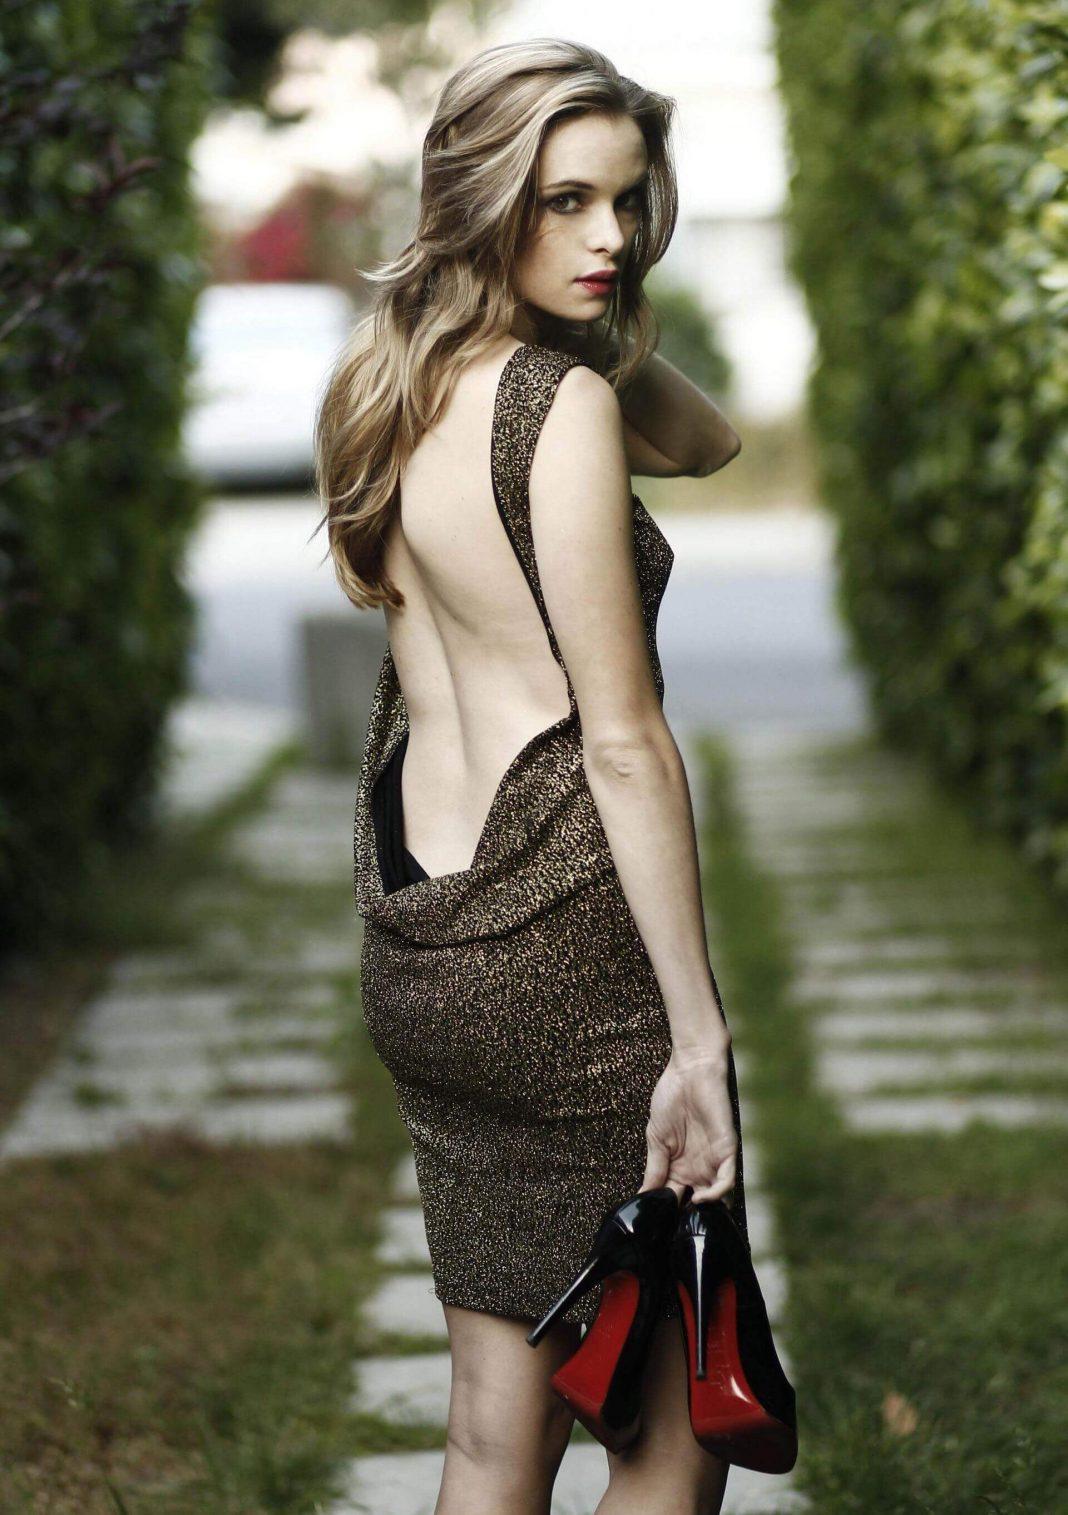 Danielle Panabaker sexy butt pics